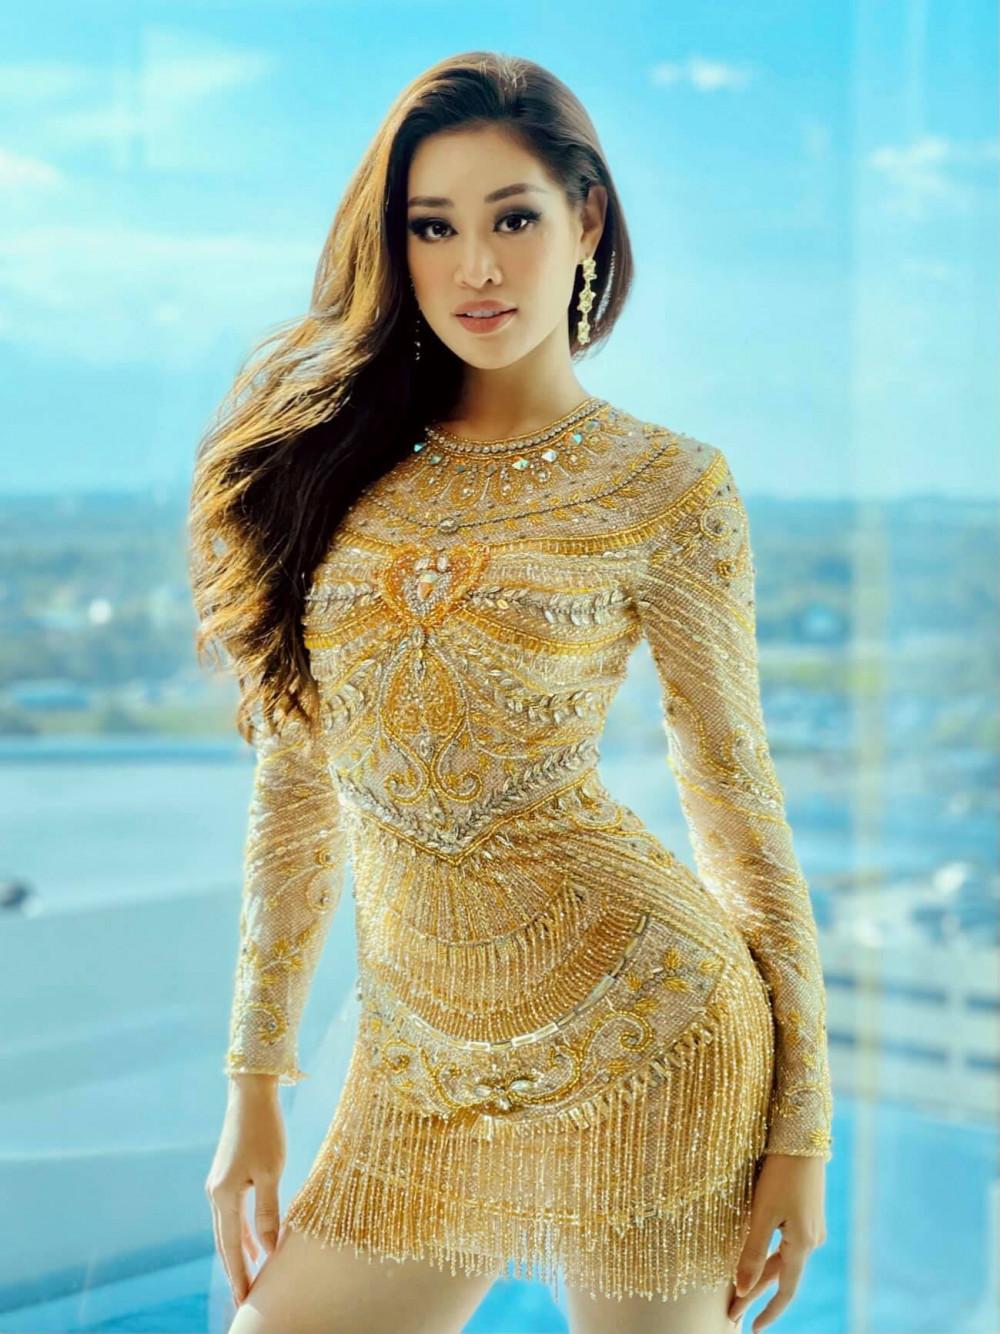 Bộ váy màu vàng kim do NTK Thượng Gia Kỳ thực hiện cho Khánh Vân. Thiết kế được tạo điểm nhấn bằng chi tiết trái tim ở trung tâm, với ngụ ý nói về tình yêu thương, trái tim ấm áp - chủ đề cuộc thi năm Khánh Vân đăng quang.